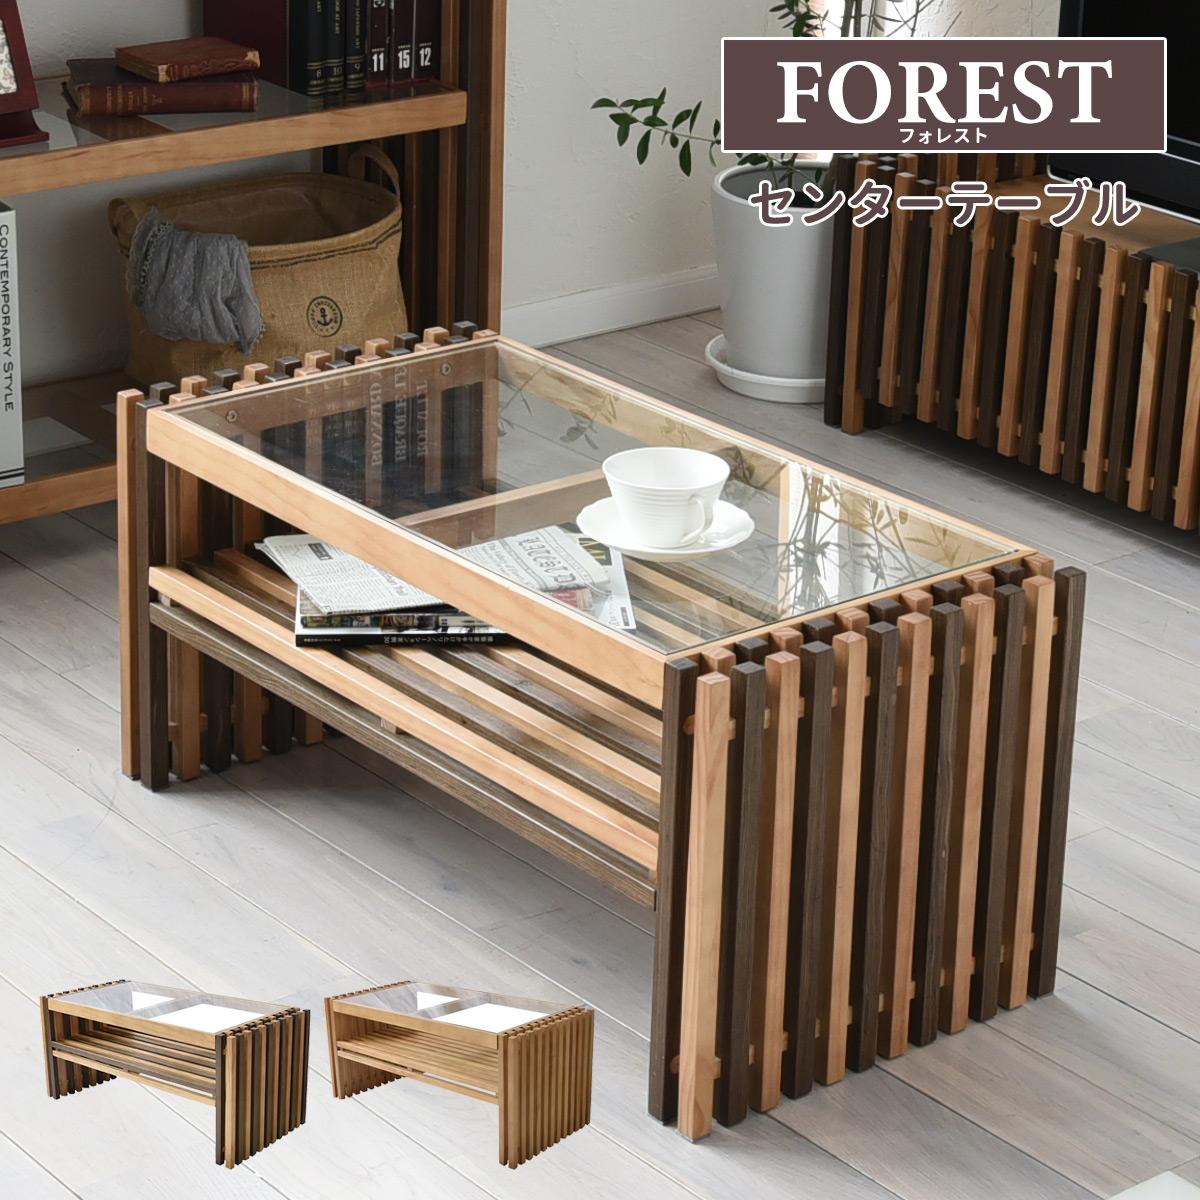 センターテーブル 天然木 テーブル ローテーブル リビングテーブル 北欧 木製 おしゃれ オイル 格子 植物性オイル 塗装 モダン スタイリッシュ ハンドメイド ナチュラル